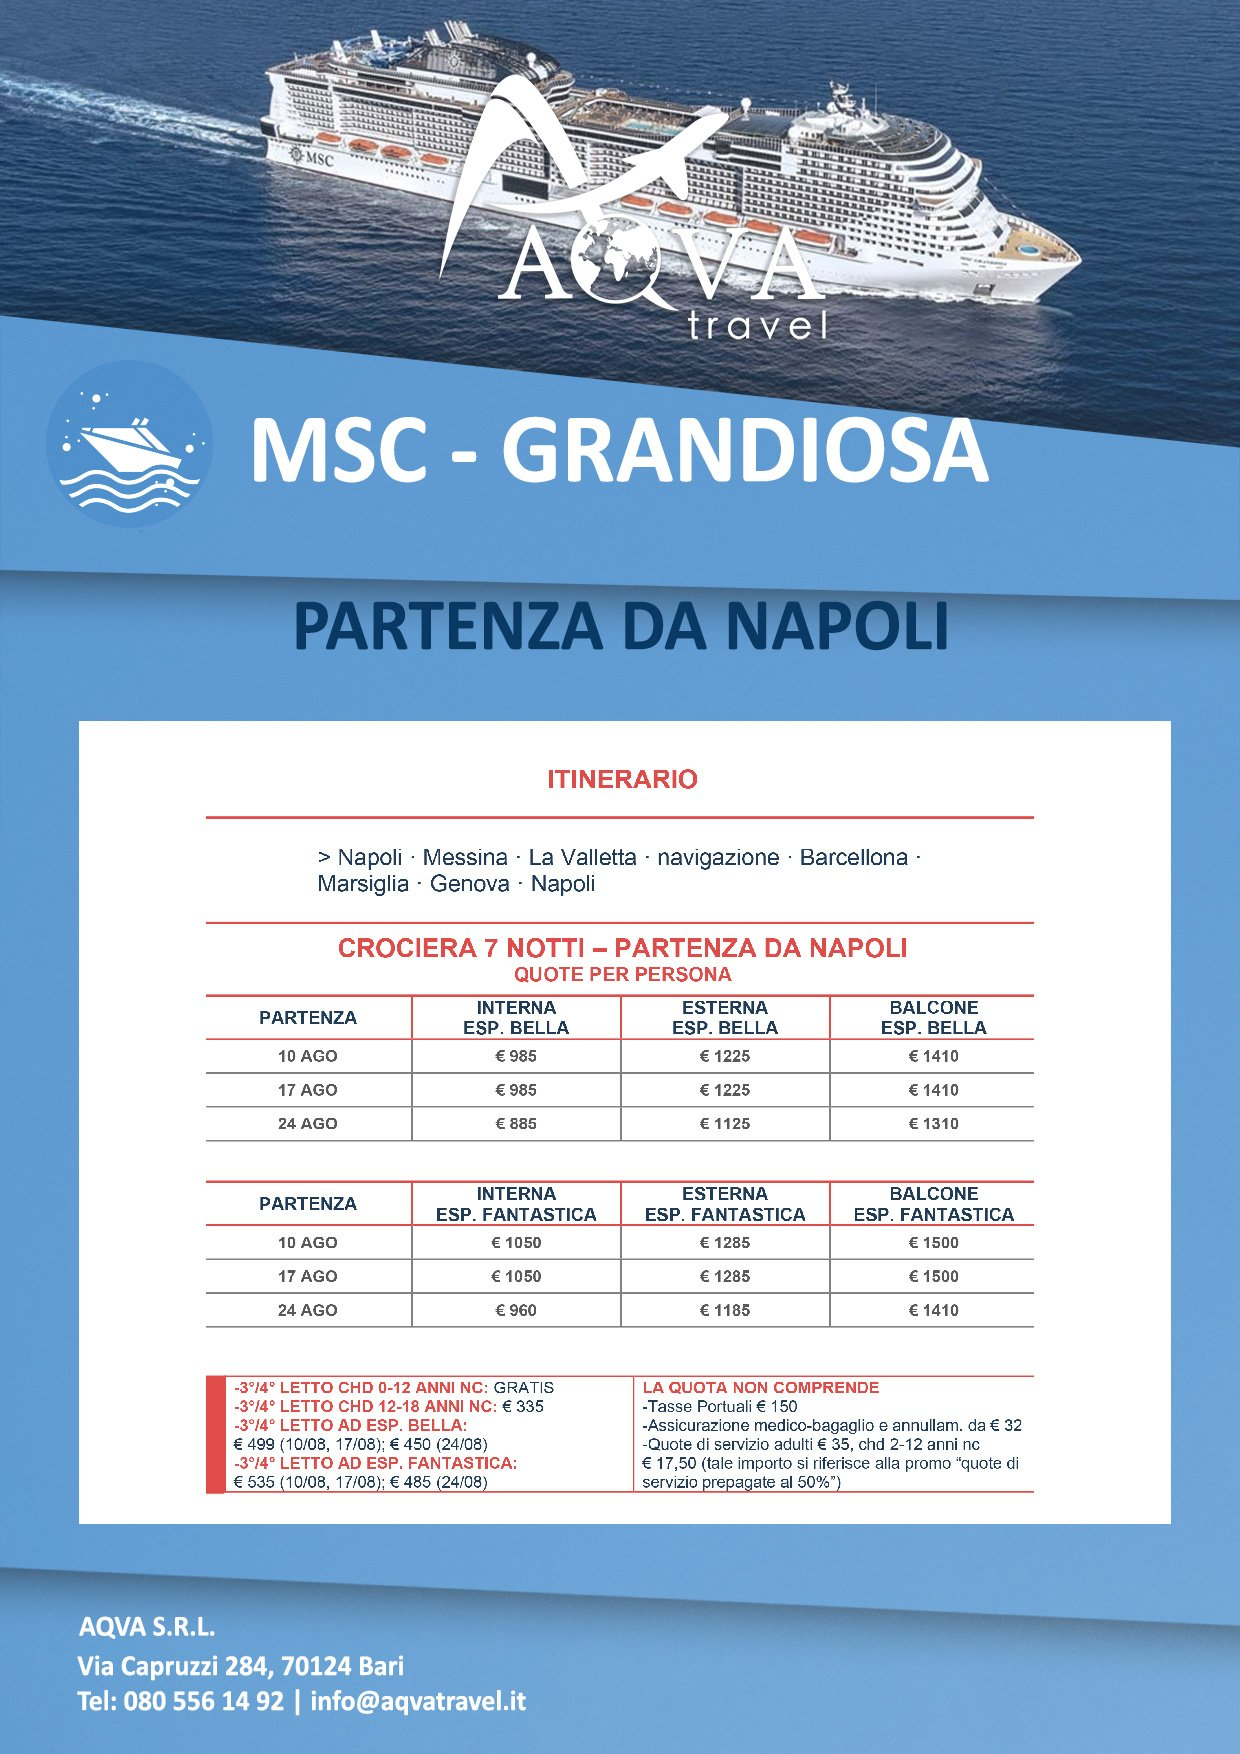 MSC-GRANDIOSA-Crociera-offerte-agenzia-di-viaggi-Bari-AQVATRAVEL-it